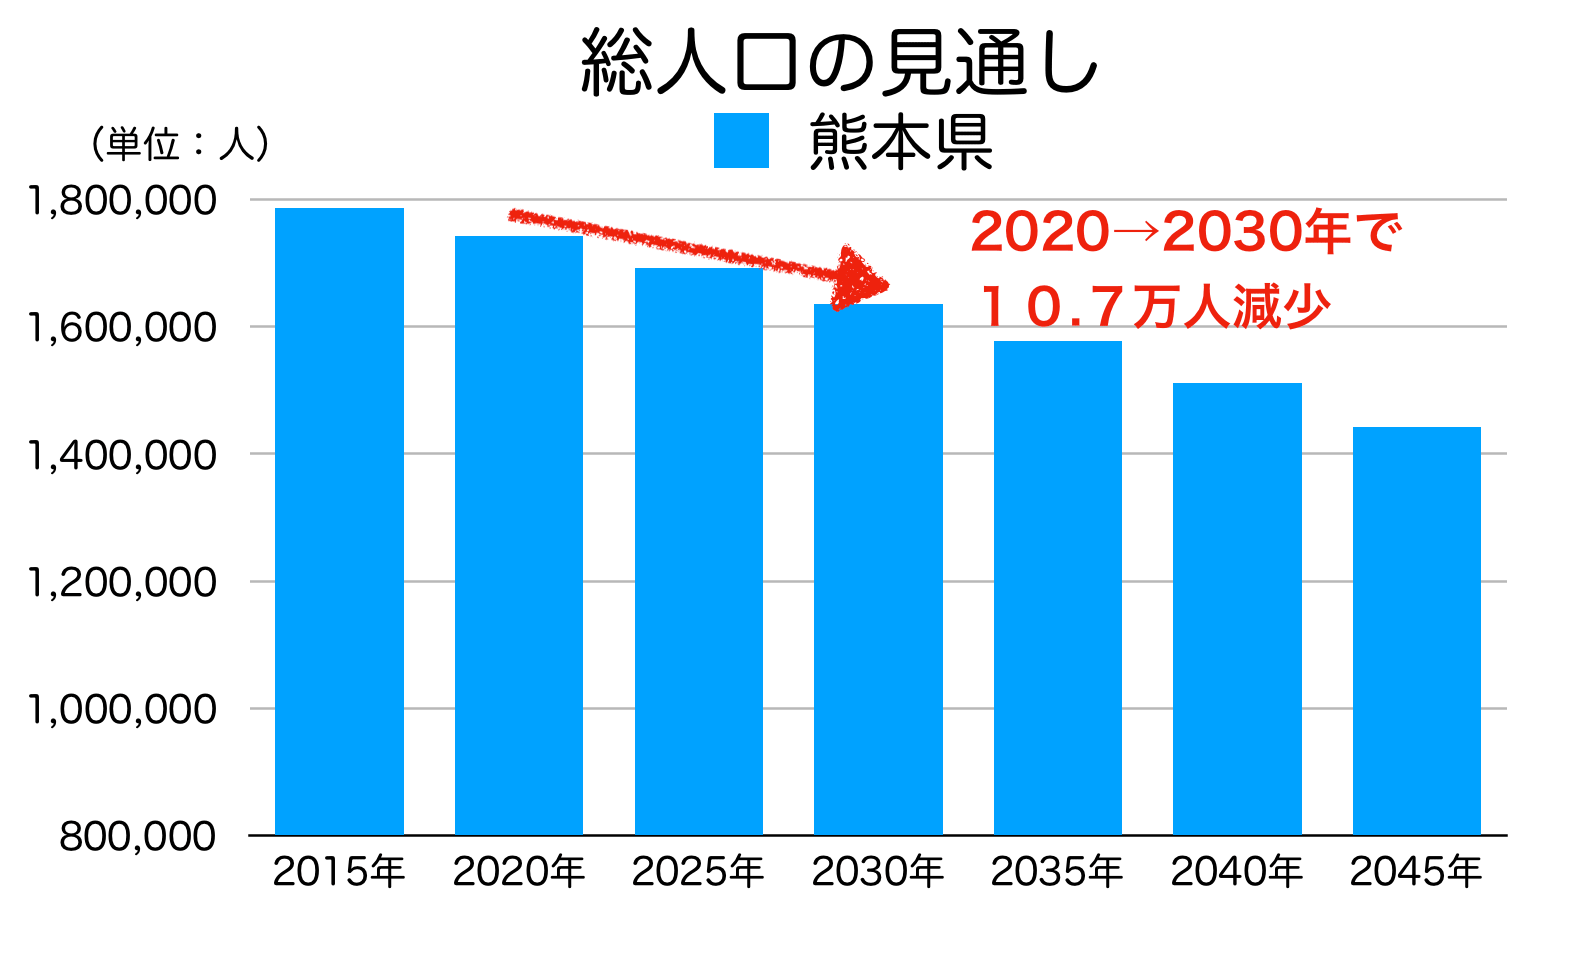 熊本県の総人口の見通し